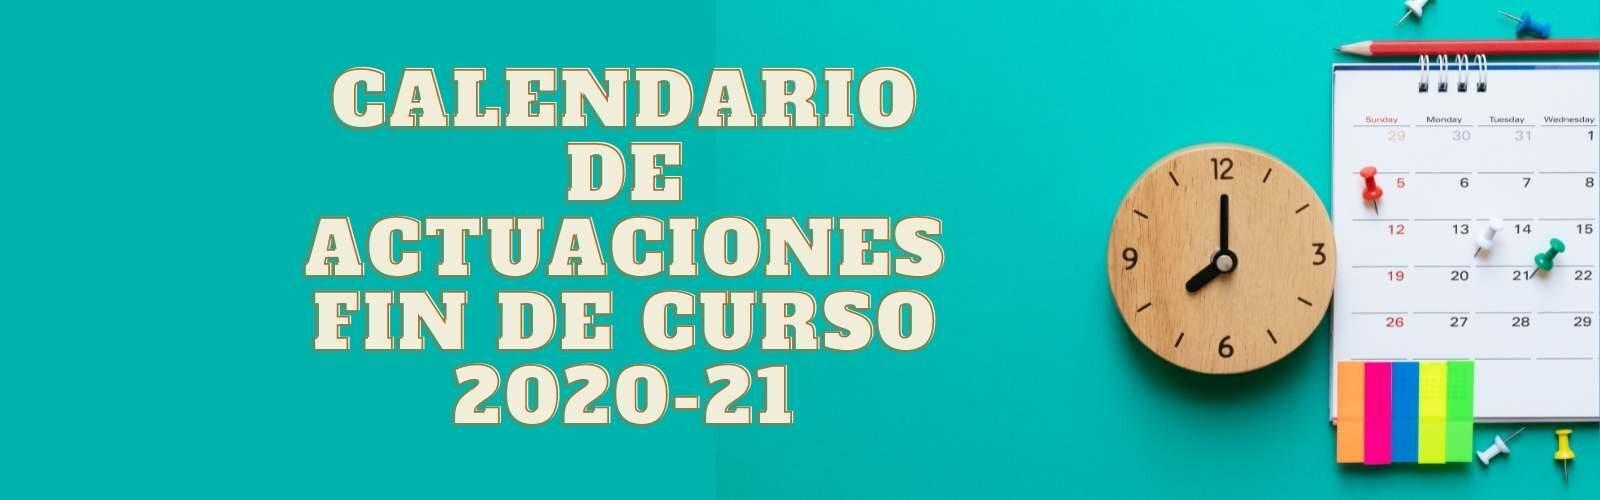 Calendario de actuaciones fin de curso 2020-21 y matrícula 21-22